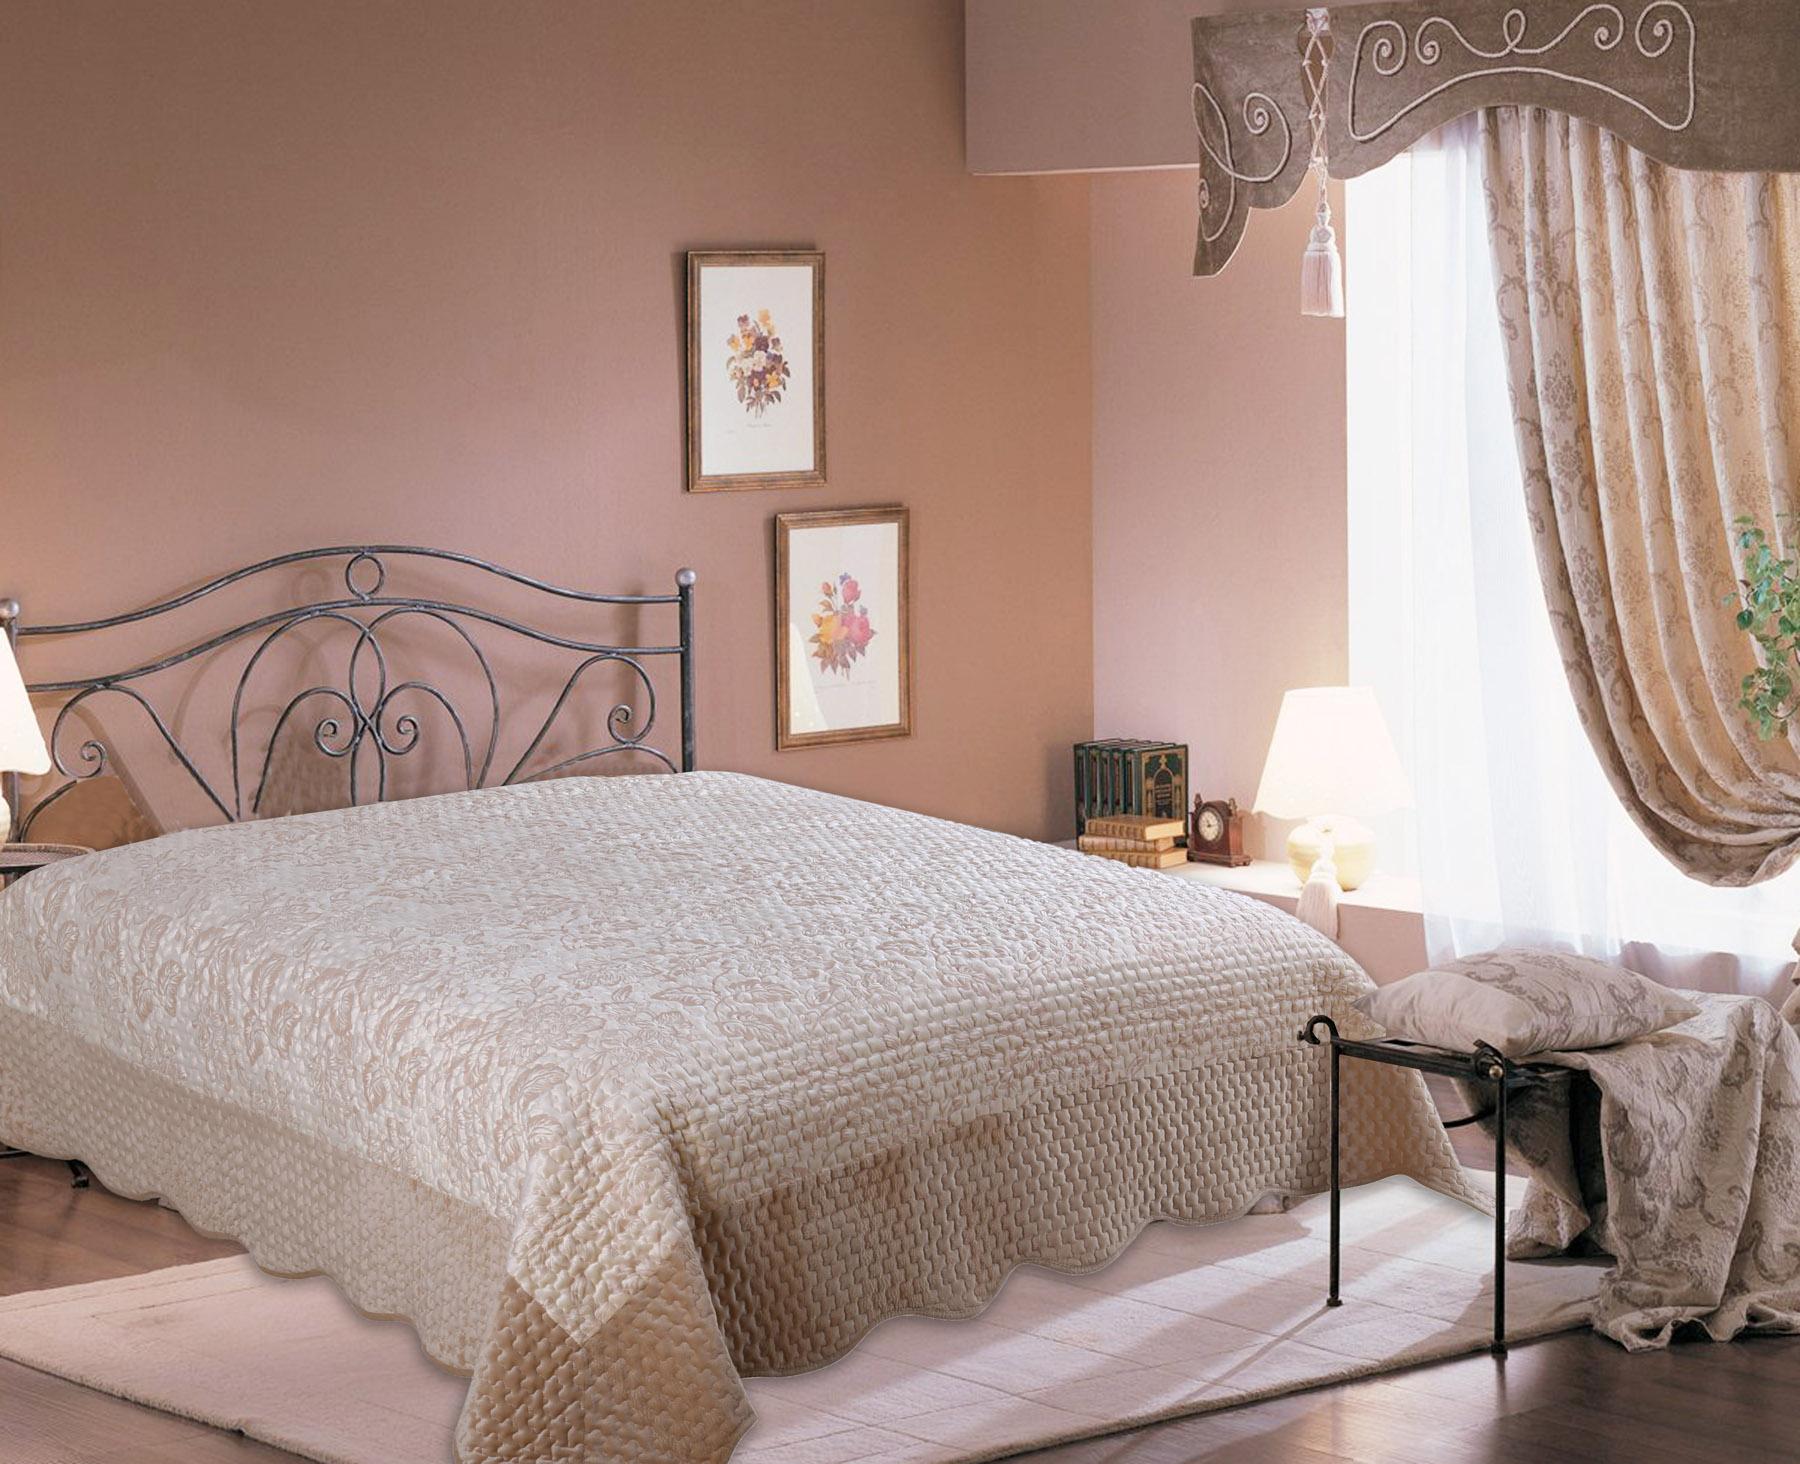 Покрывало Amore Mio Покрывало Valensia (220х240 см) покрывало amore mio decor 220 х 240 см